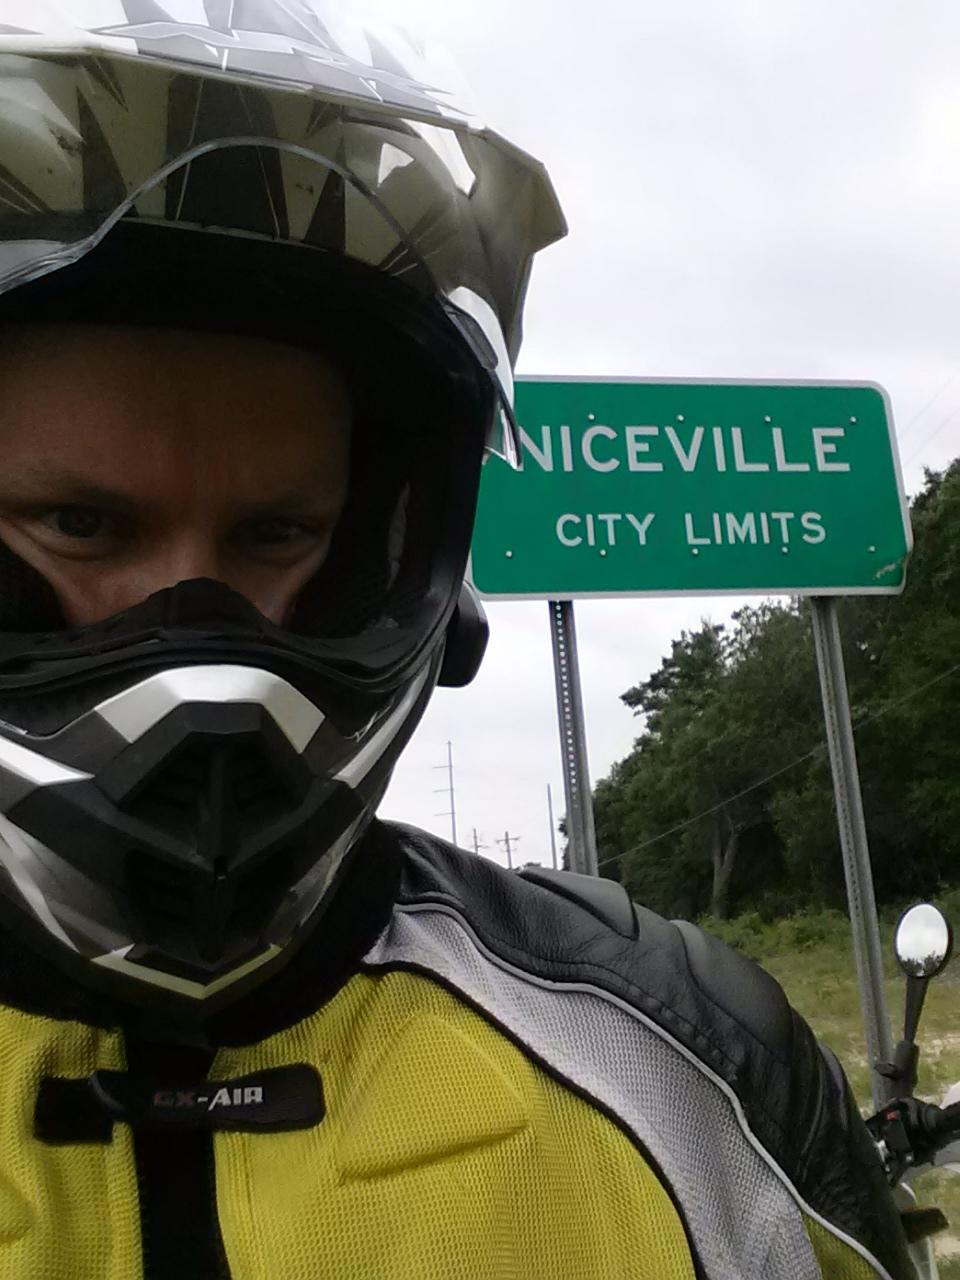 Niceville, FL